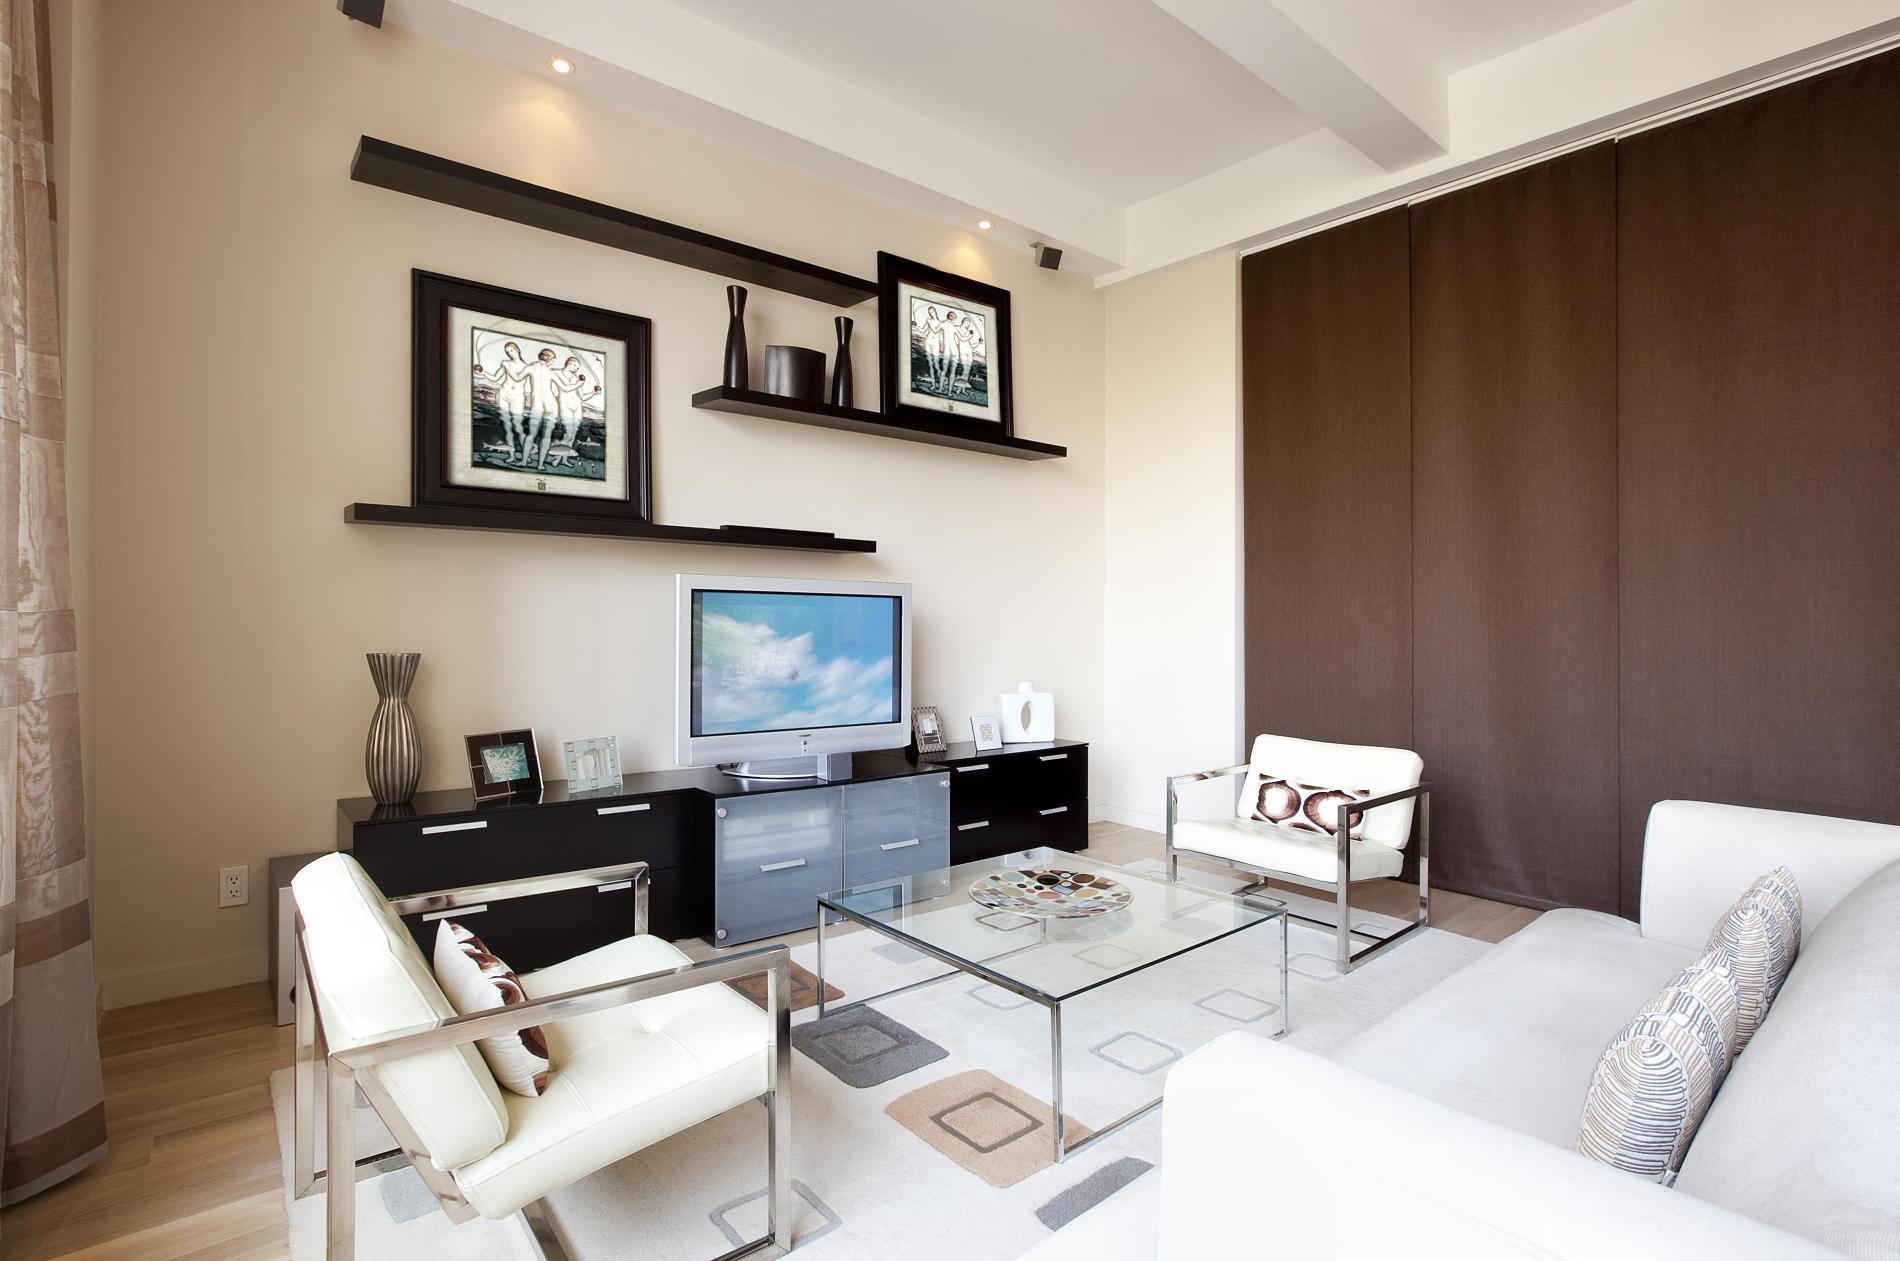 living-room-17776-1900.jpg